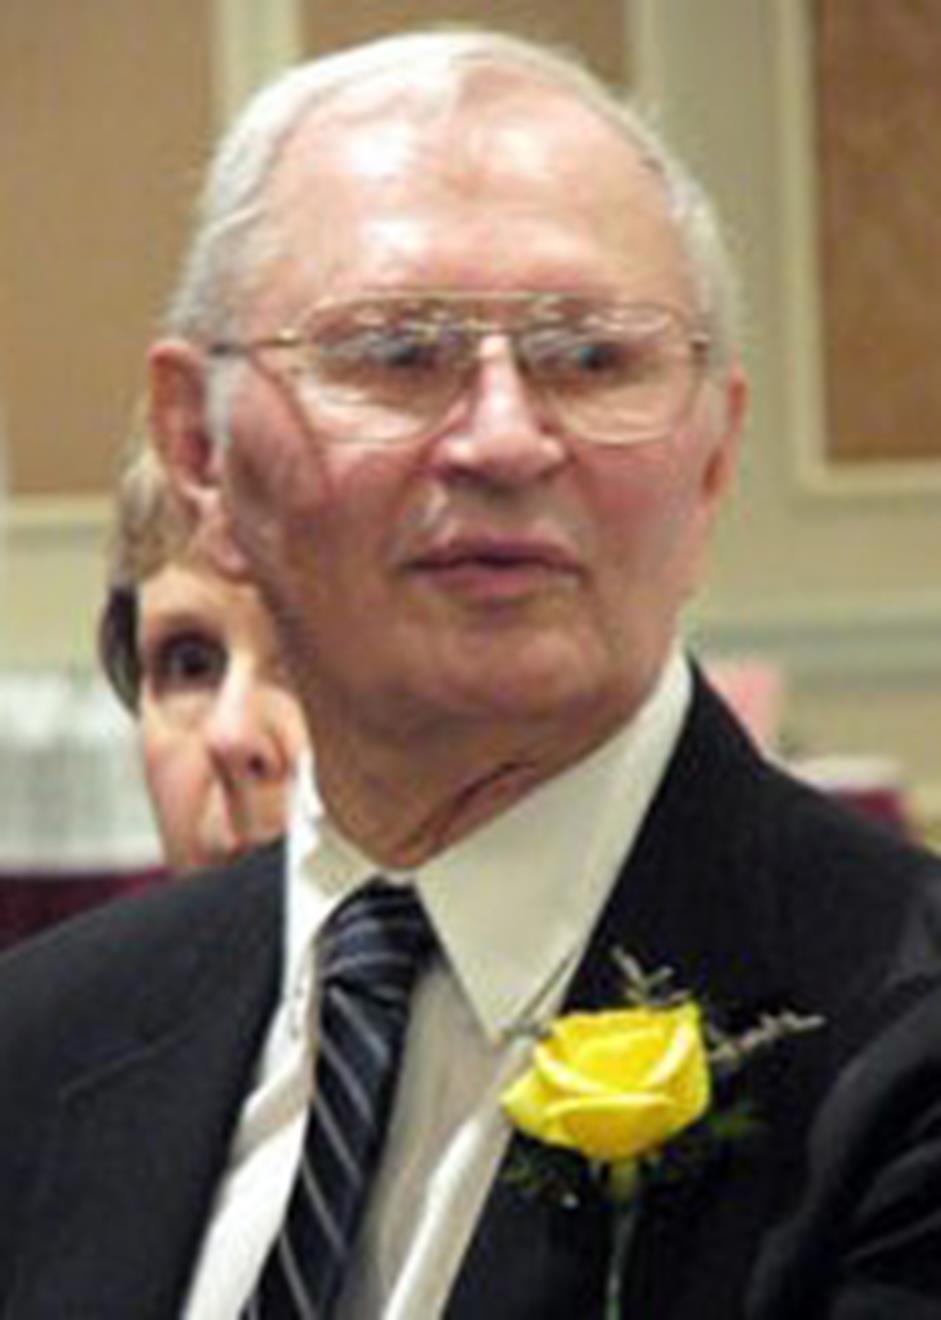 Donald E. Allured